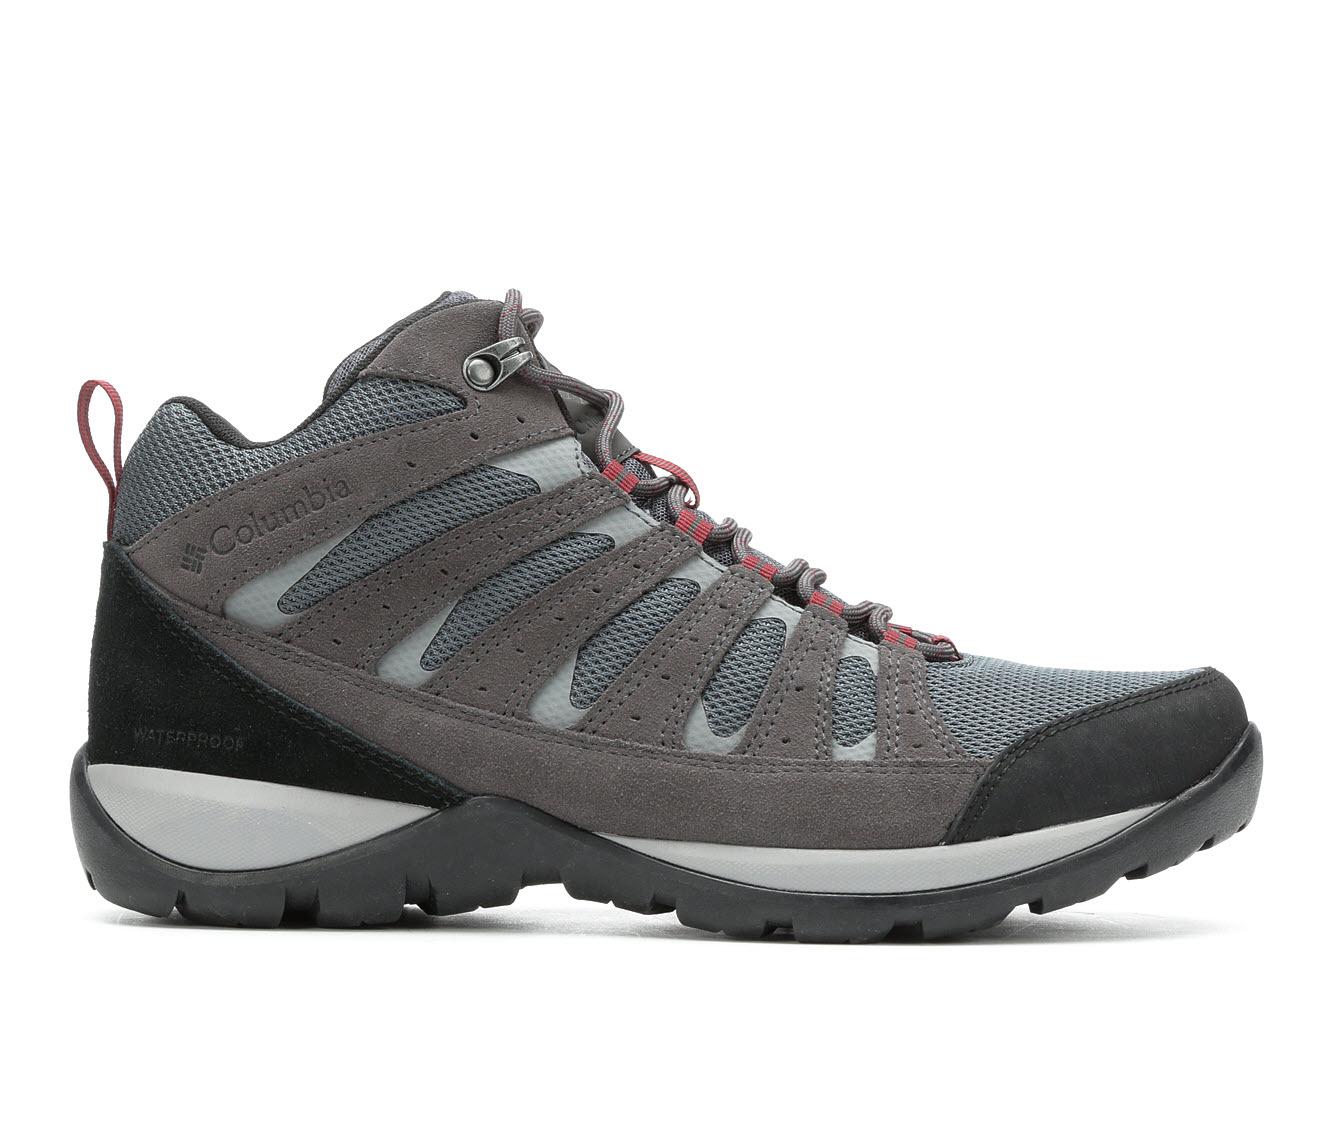 Columbia Redmond V2 Mid Waterproof Men's Boots (Gray)